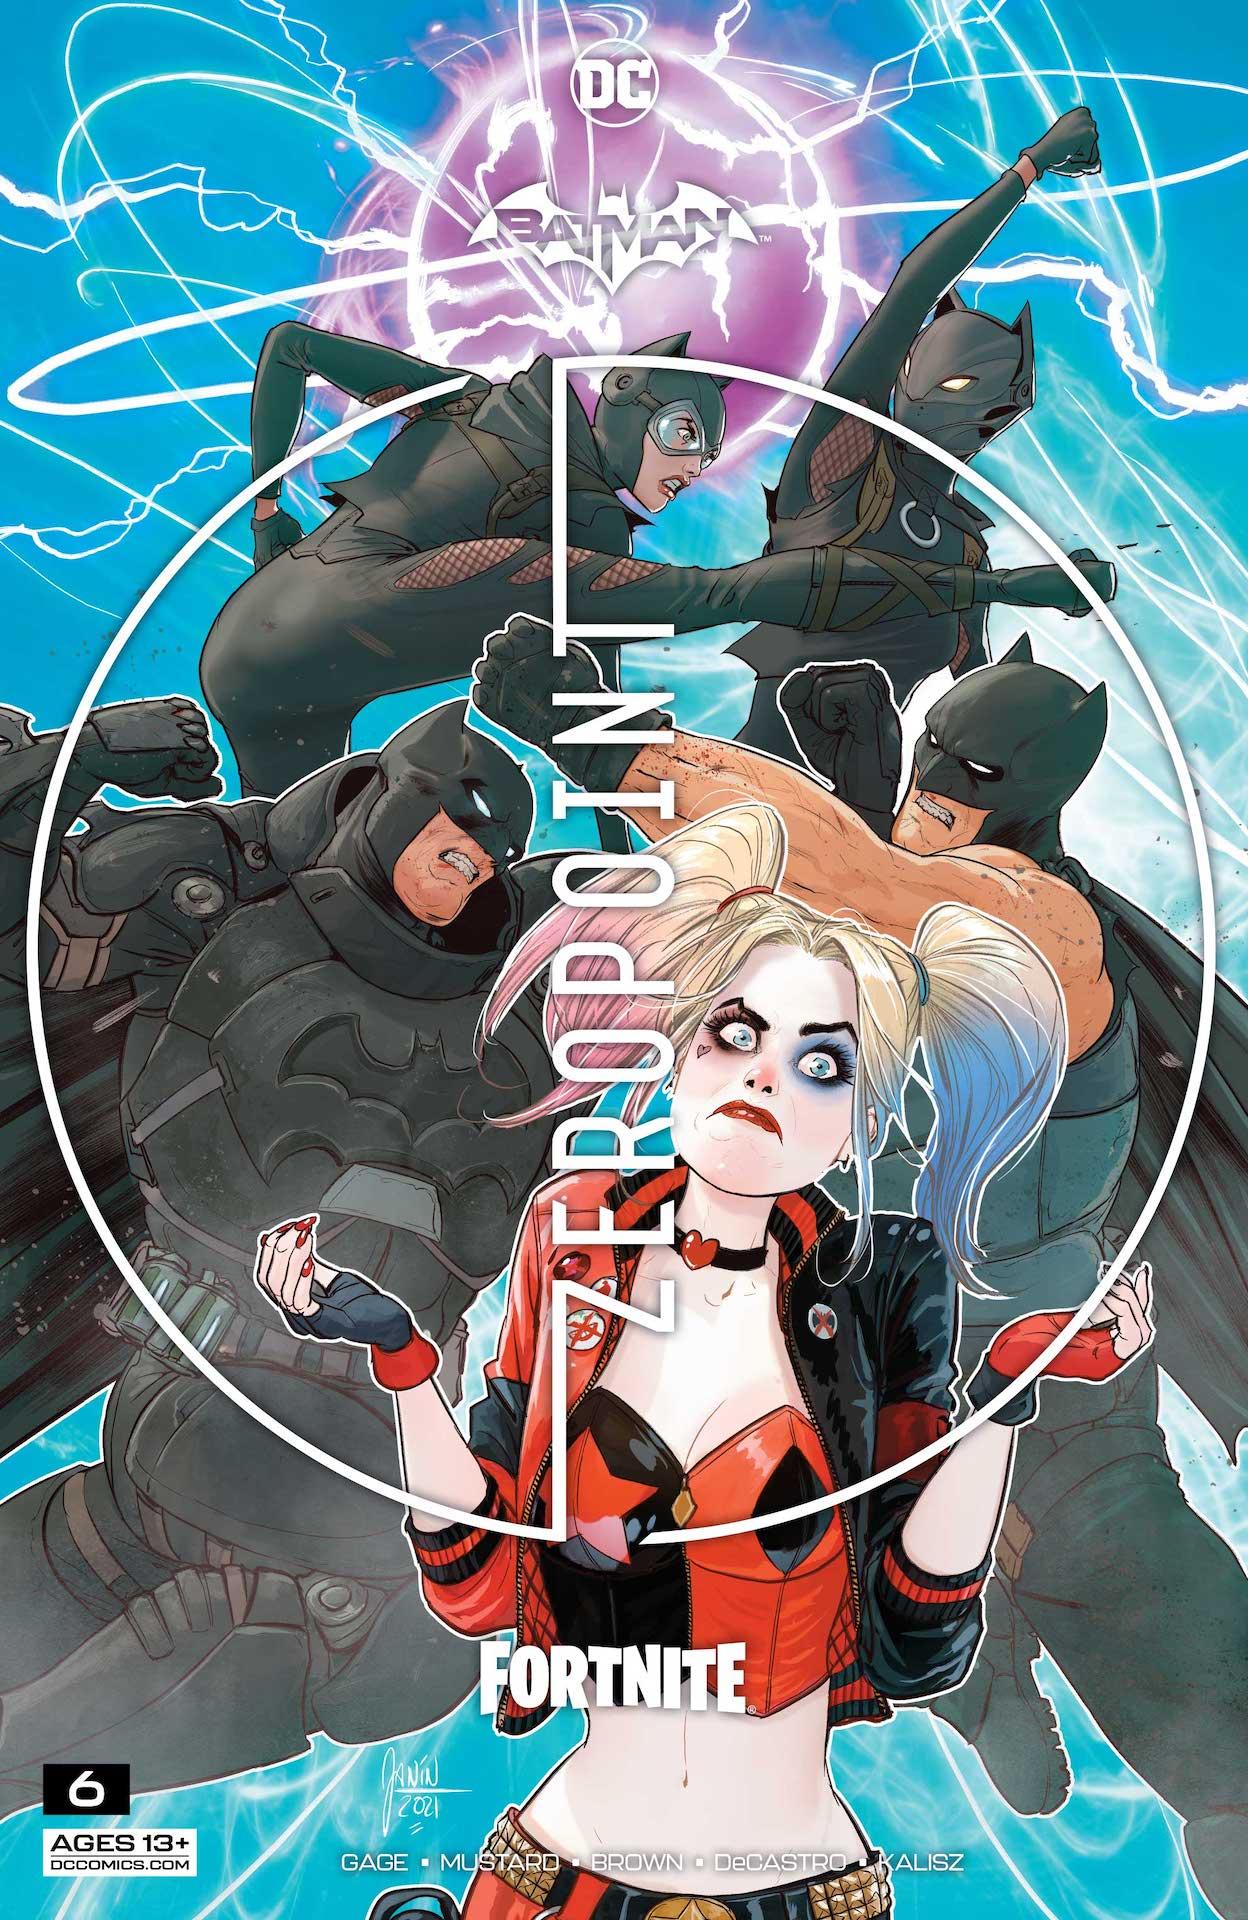 Batman-Fortnite-Zero-Point-6-1